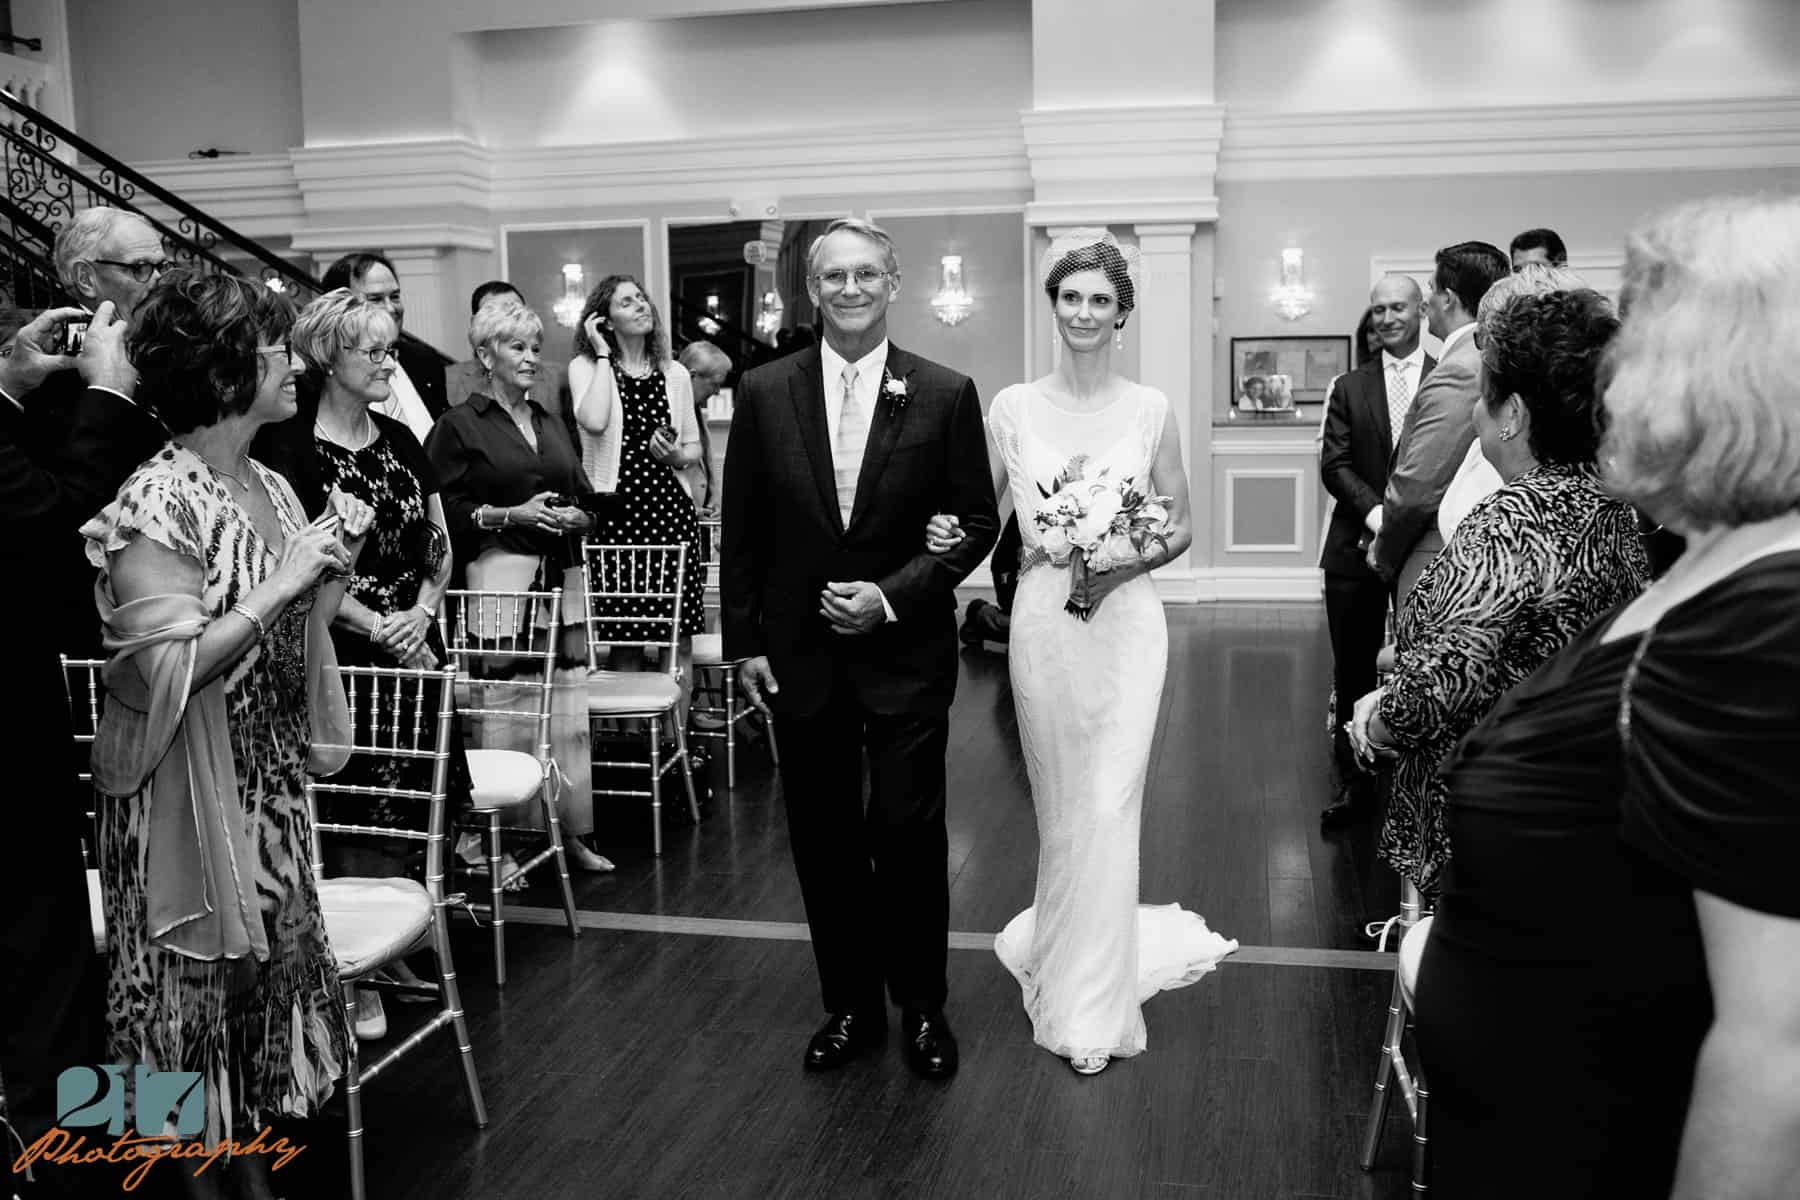 wedding photography at Arts Ballroom